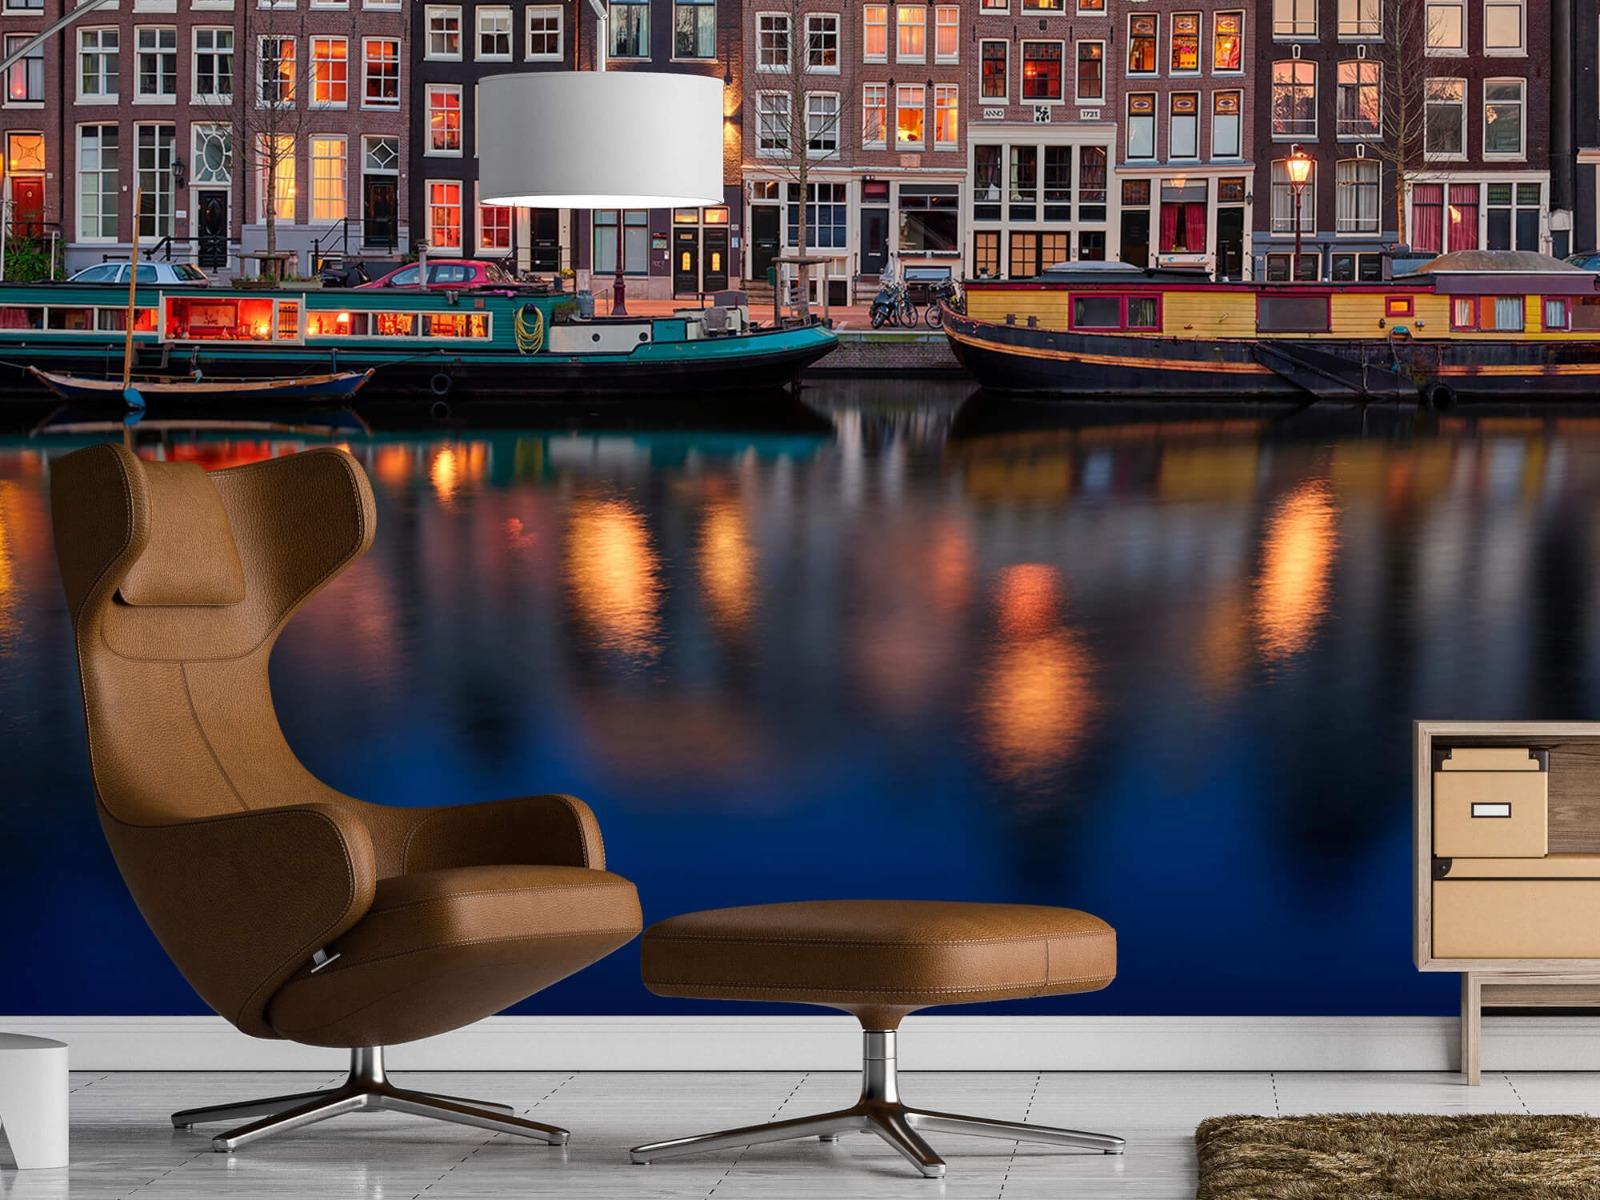 Architectuur - Grachtenpanden Amsterdam - Tienerkamer 19